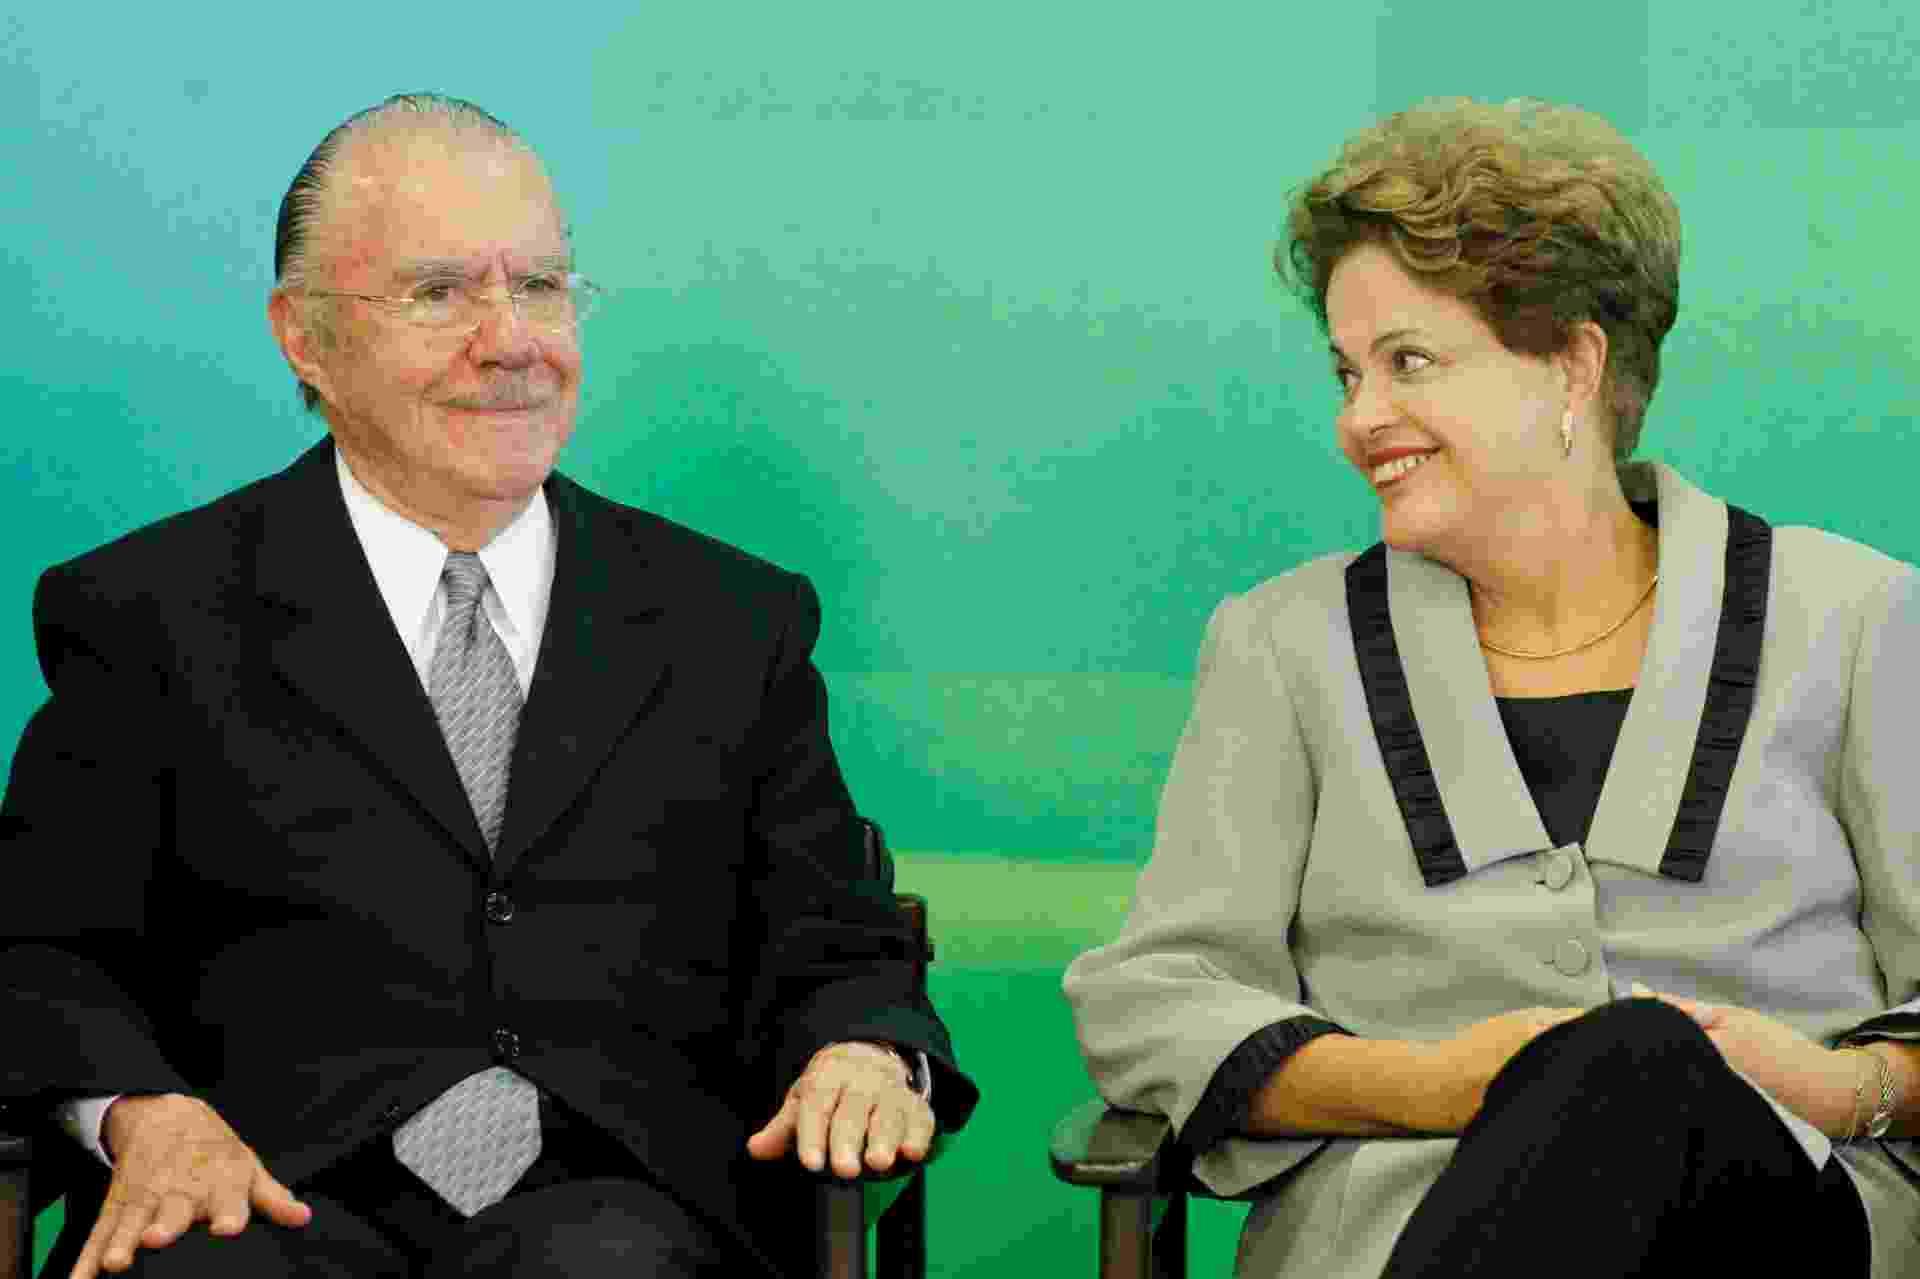 16.mar.2015 - A presidente Dilma Rousseff e o ex-presidente José Sarney durante a cerimônia de sanção do Código de Processo Civil no Palácio do Planalto - Beto Barata - 16.mar.2015/ Folhapress